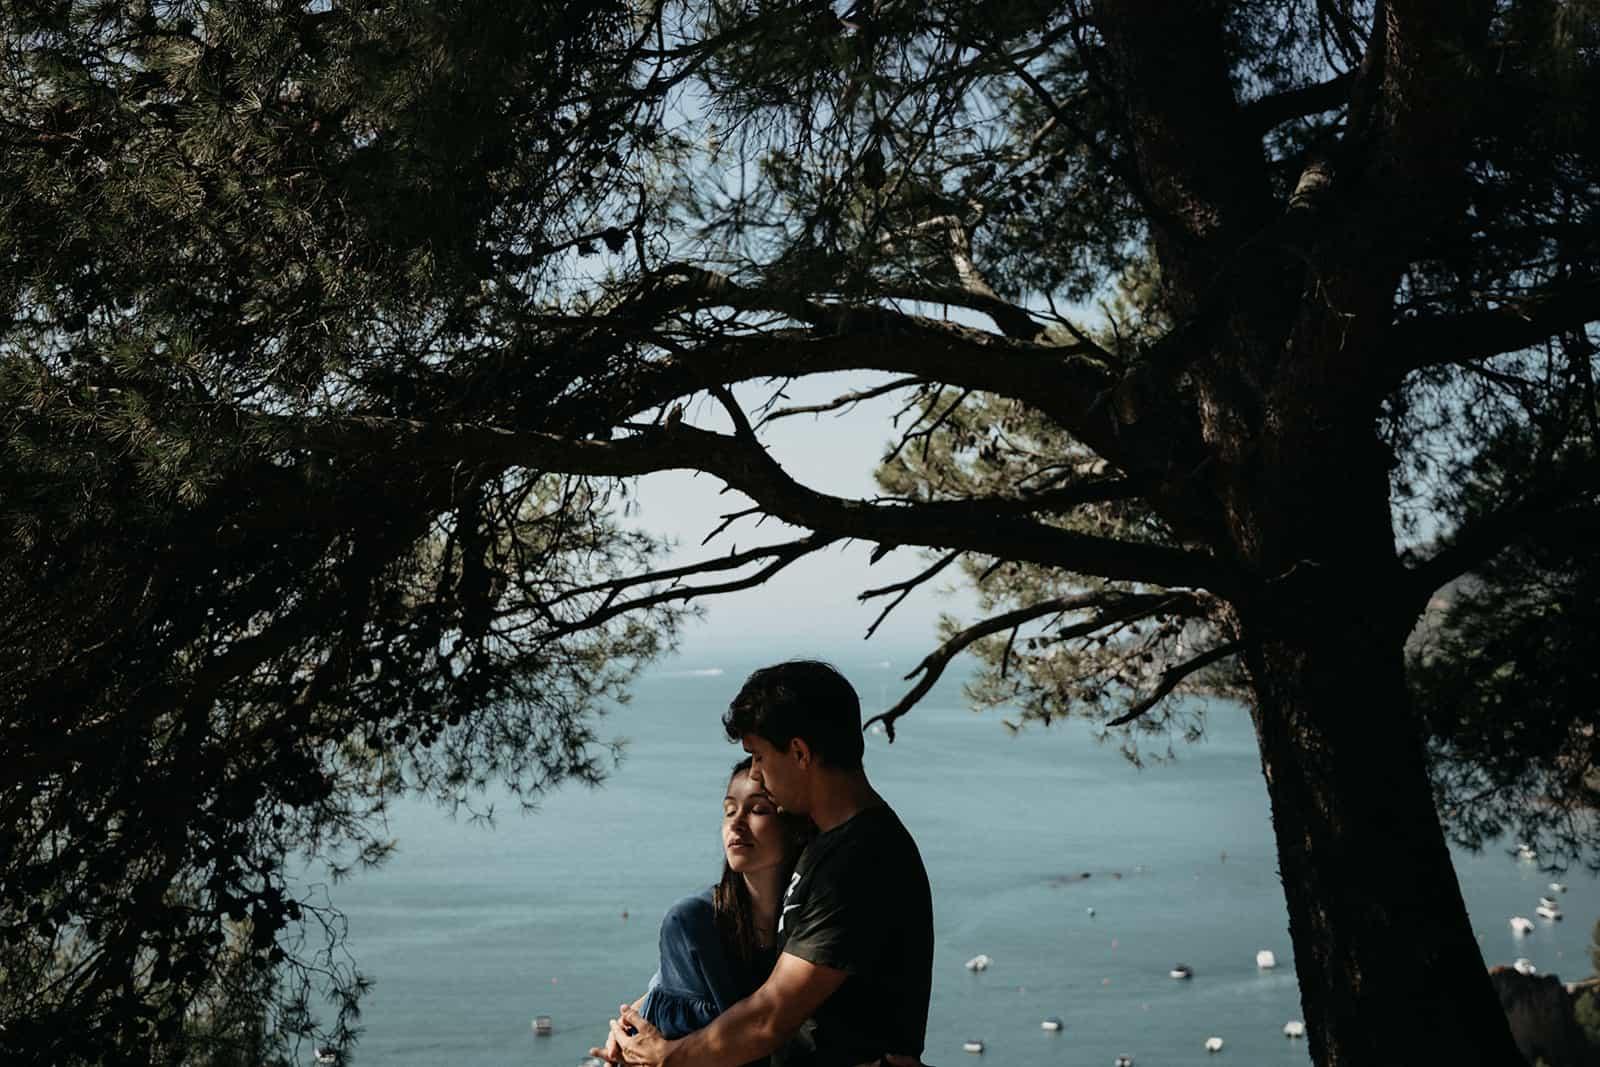 Ein Mann und eine Frau umarmen sich in der Nähe des Baumes mit Blick auf das Meer